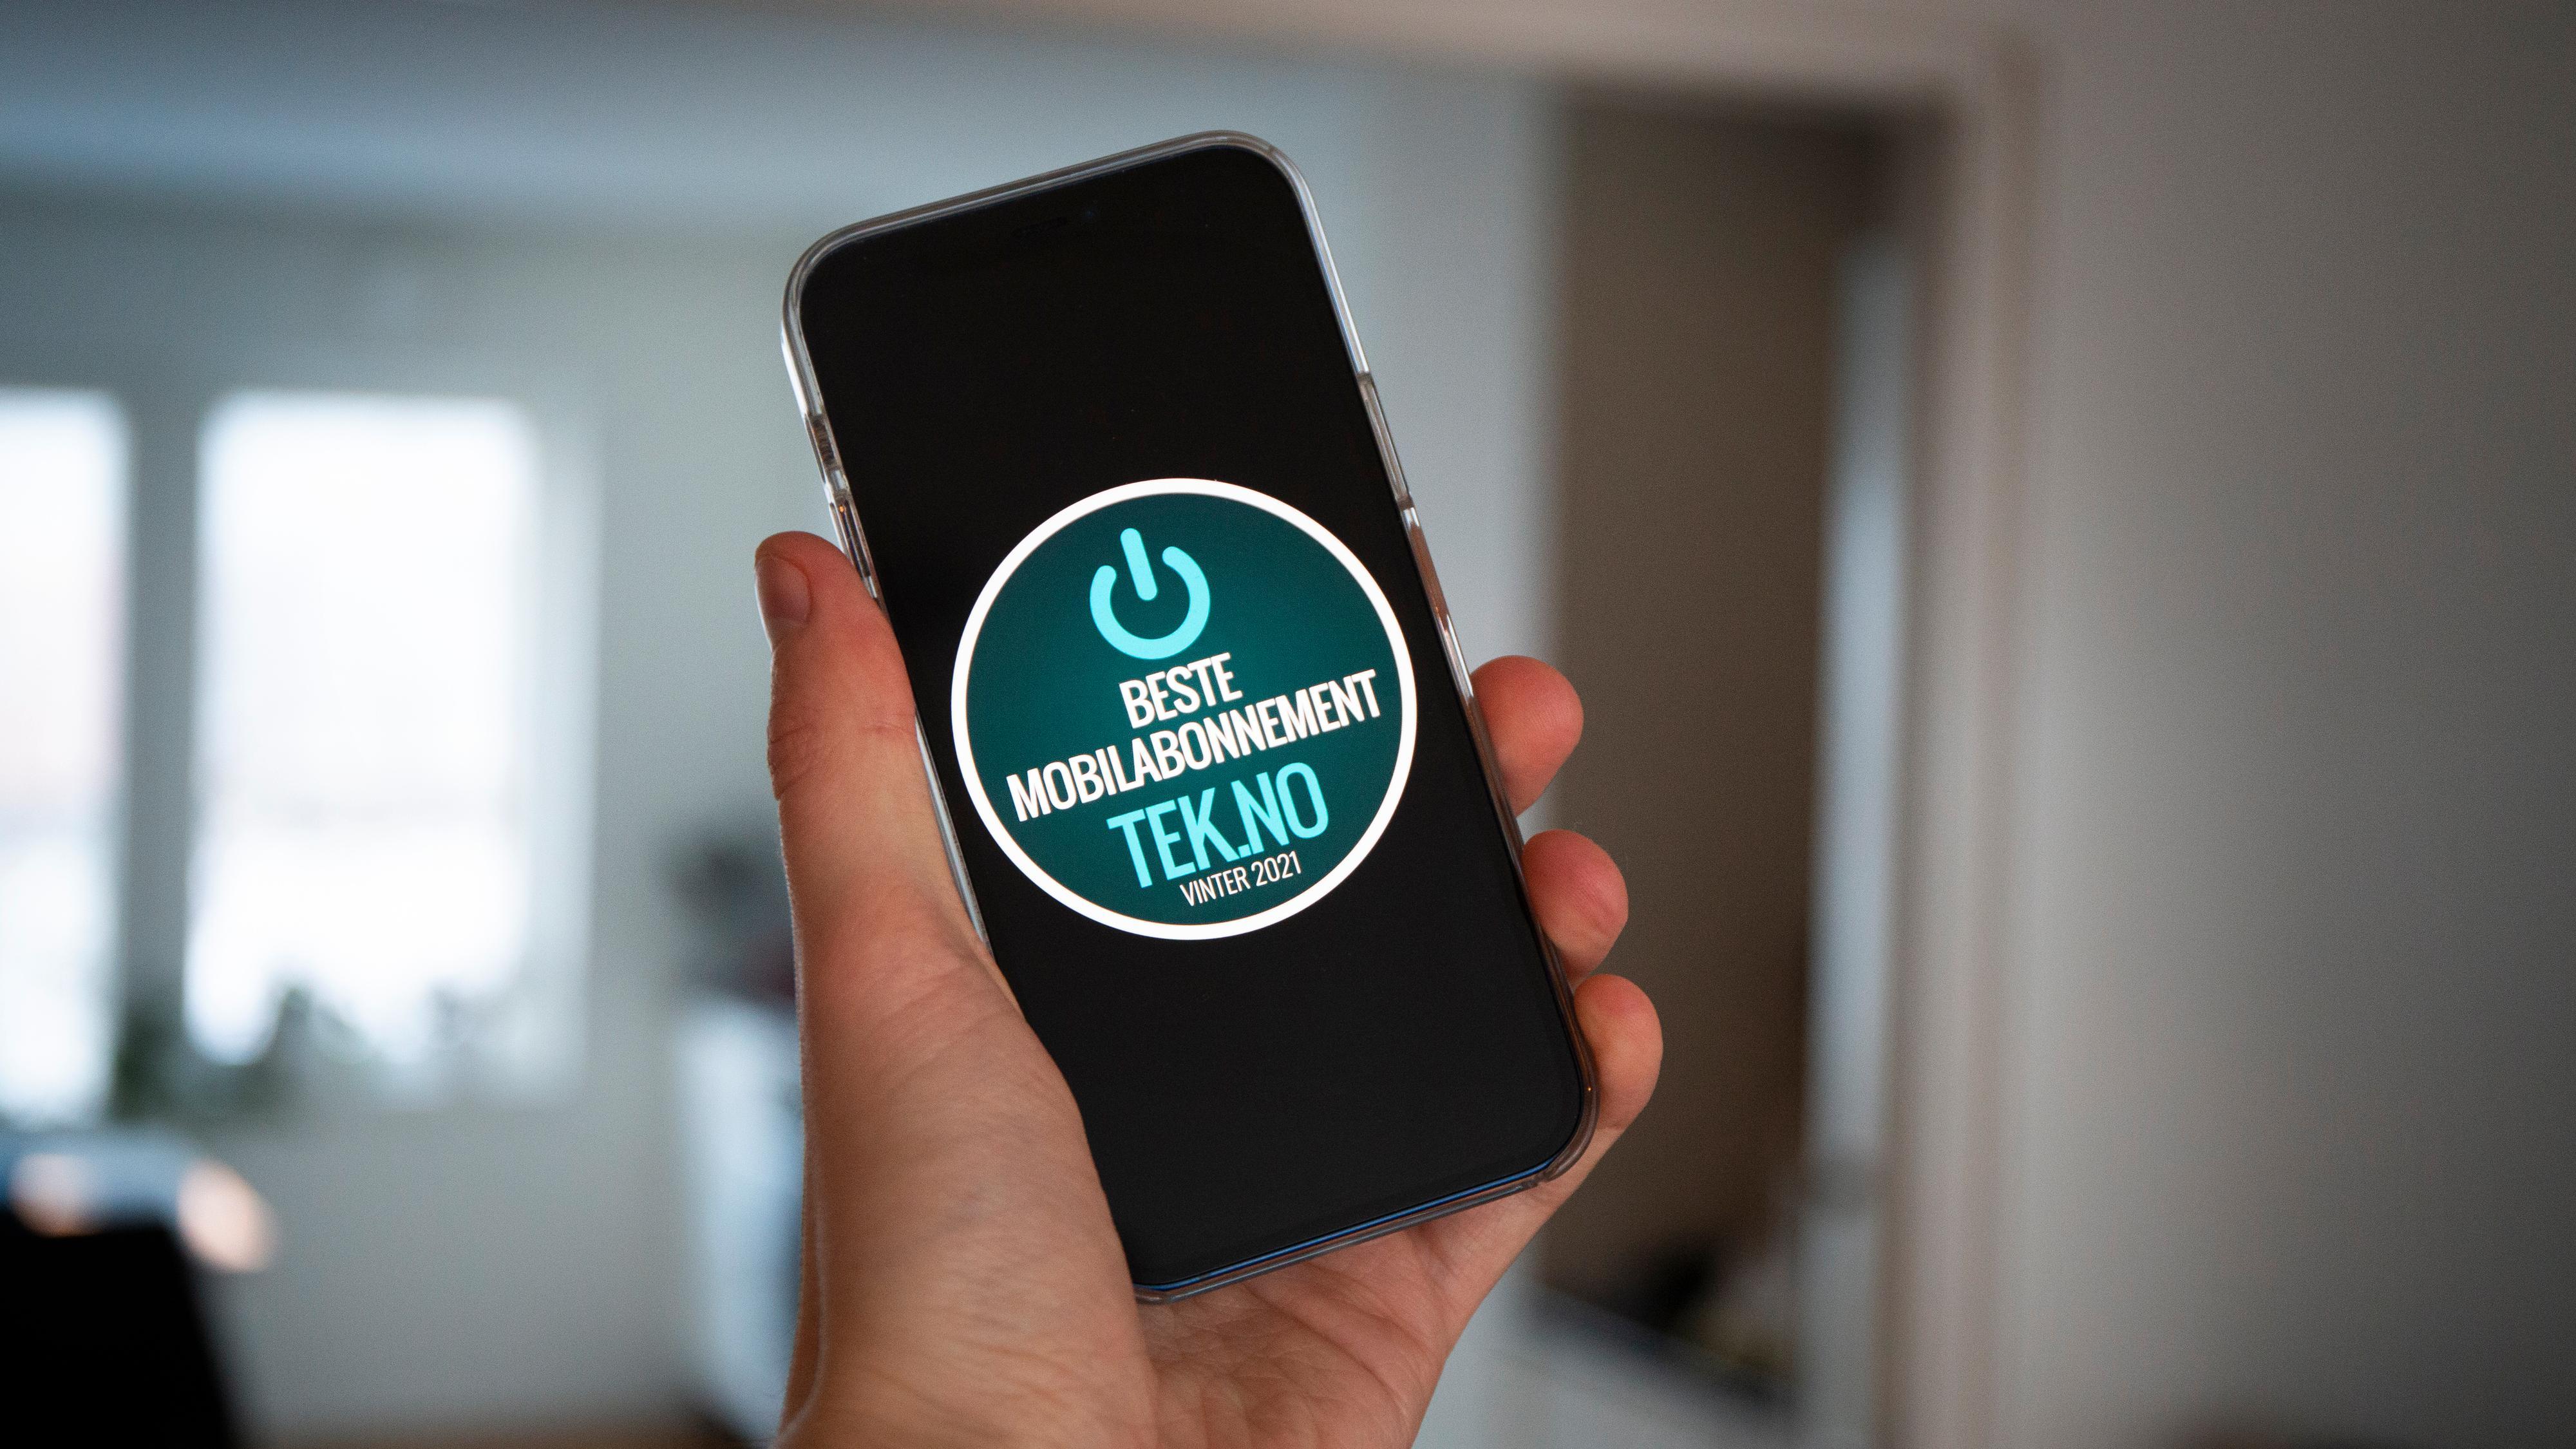 Vi har igjen kåret de beste mobilabonnementene i Norge.